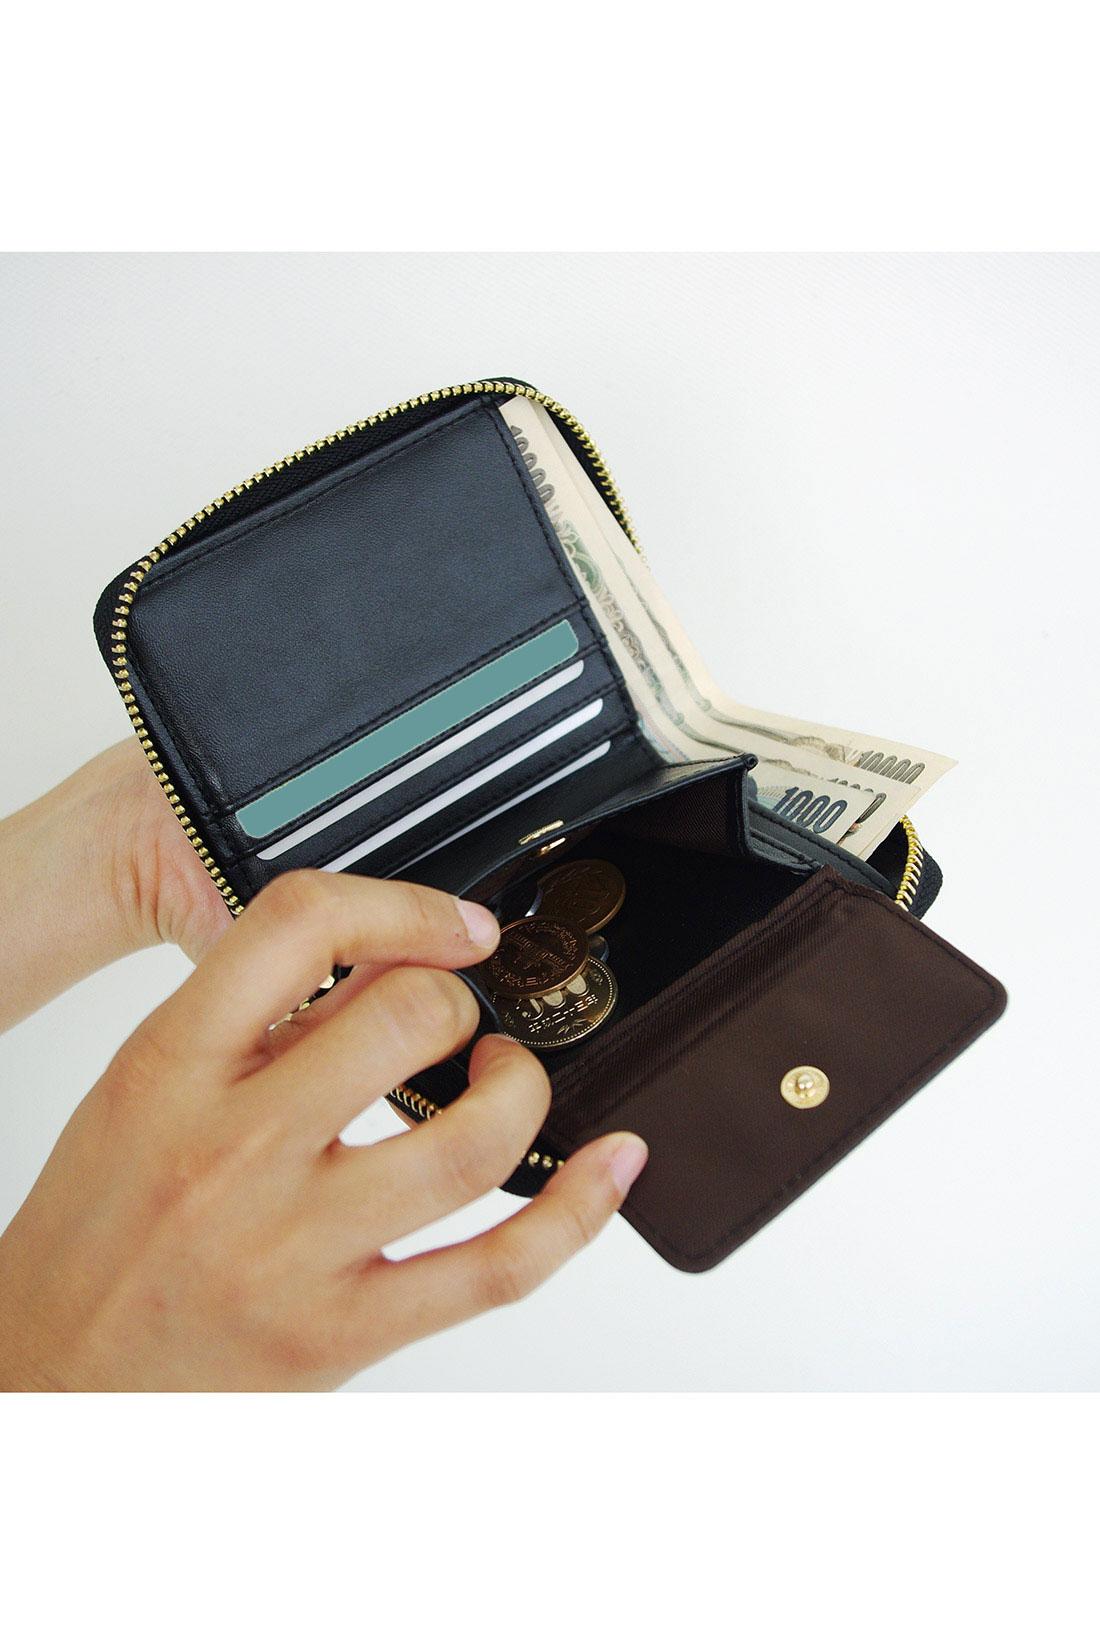 お札もカードも、小銭もたくさん入れても、膨らみにくいデザイン。コインが取り出しやすくて◎!